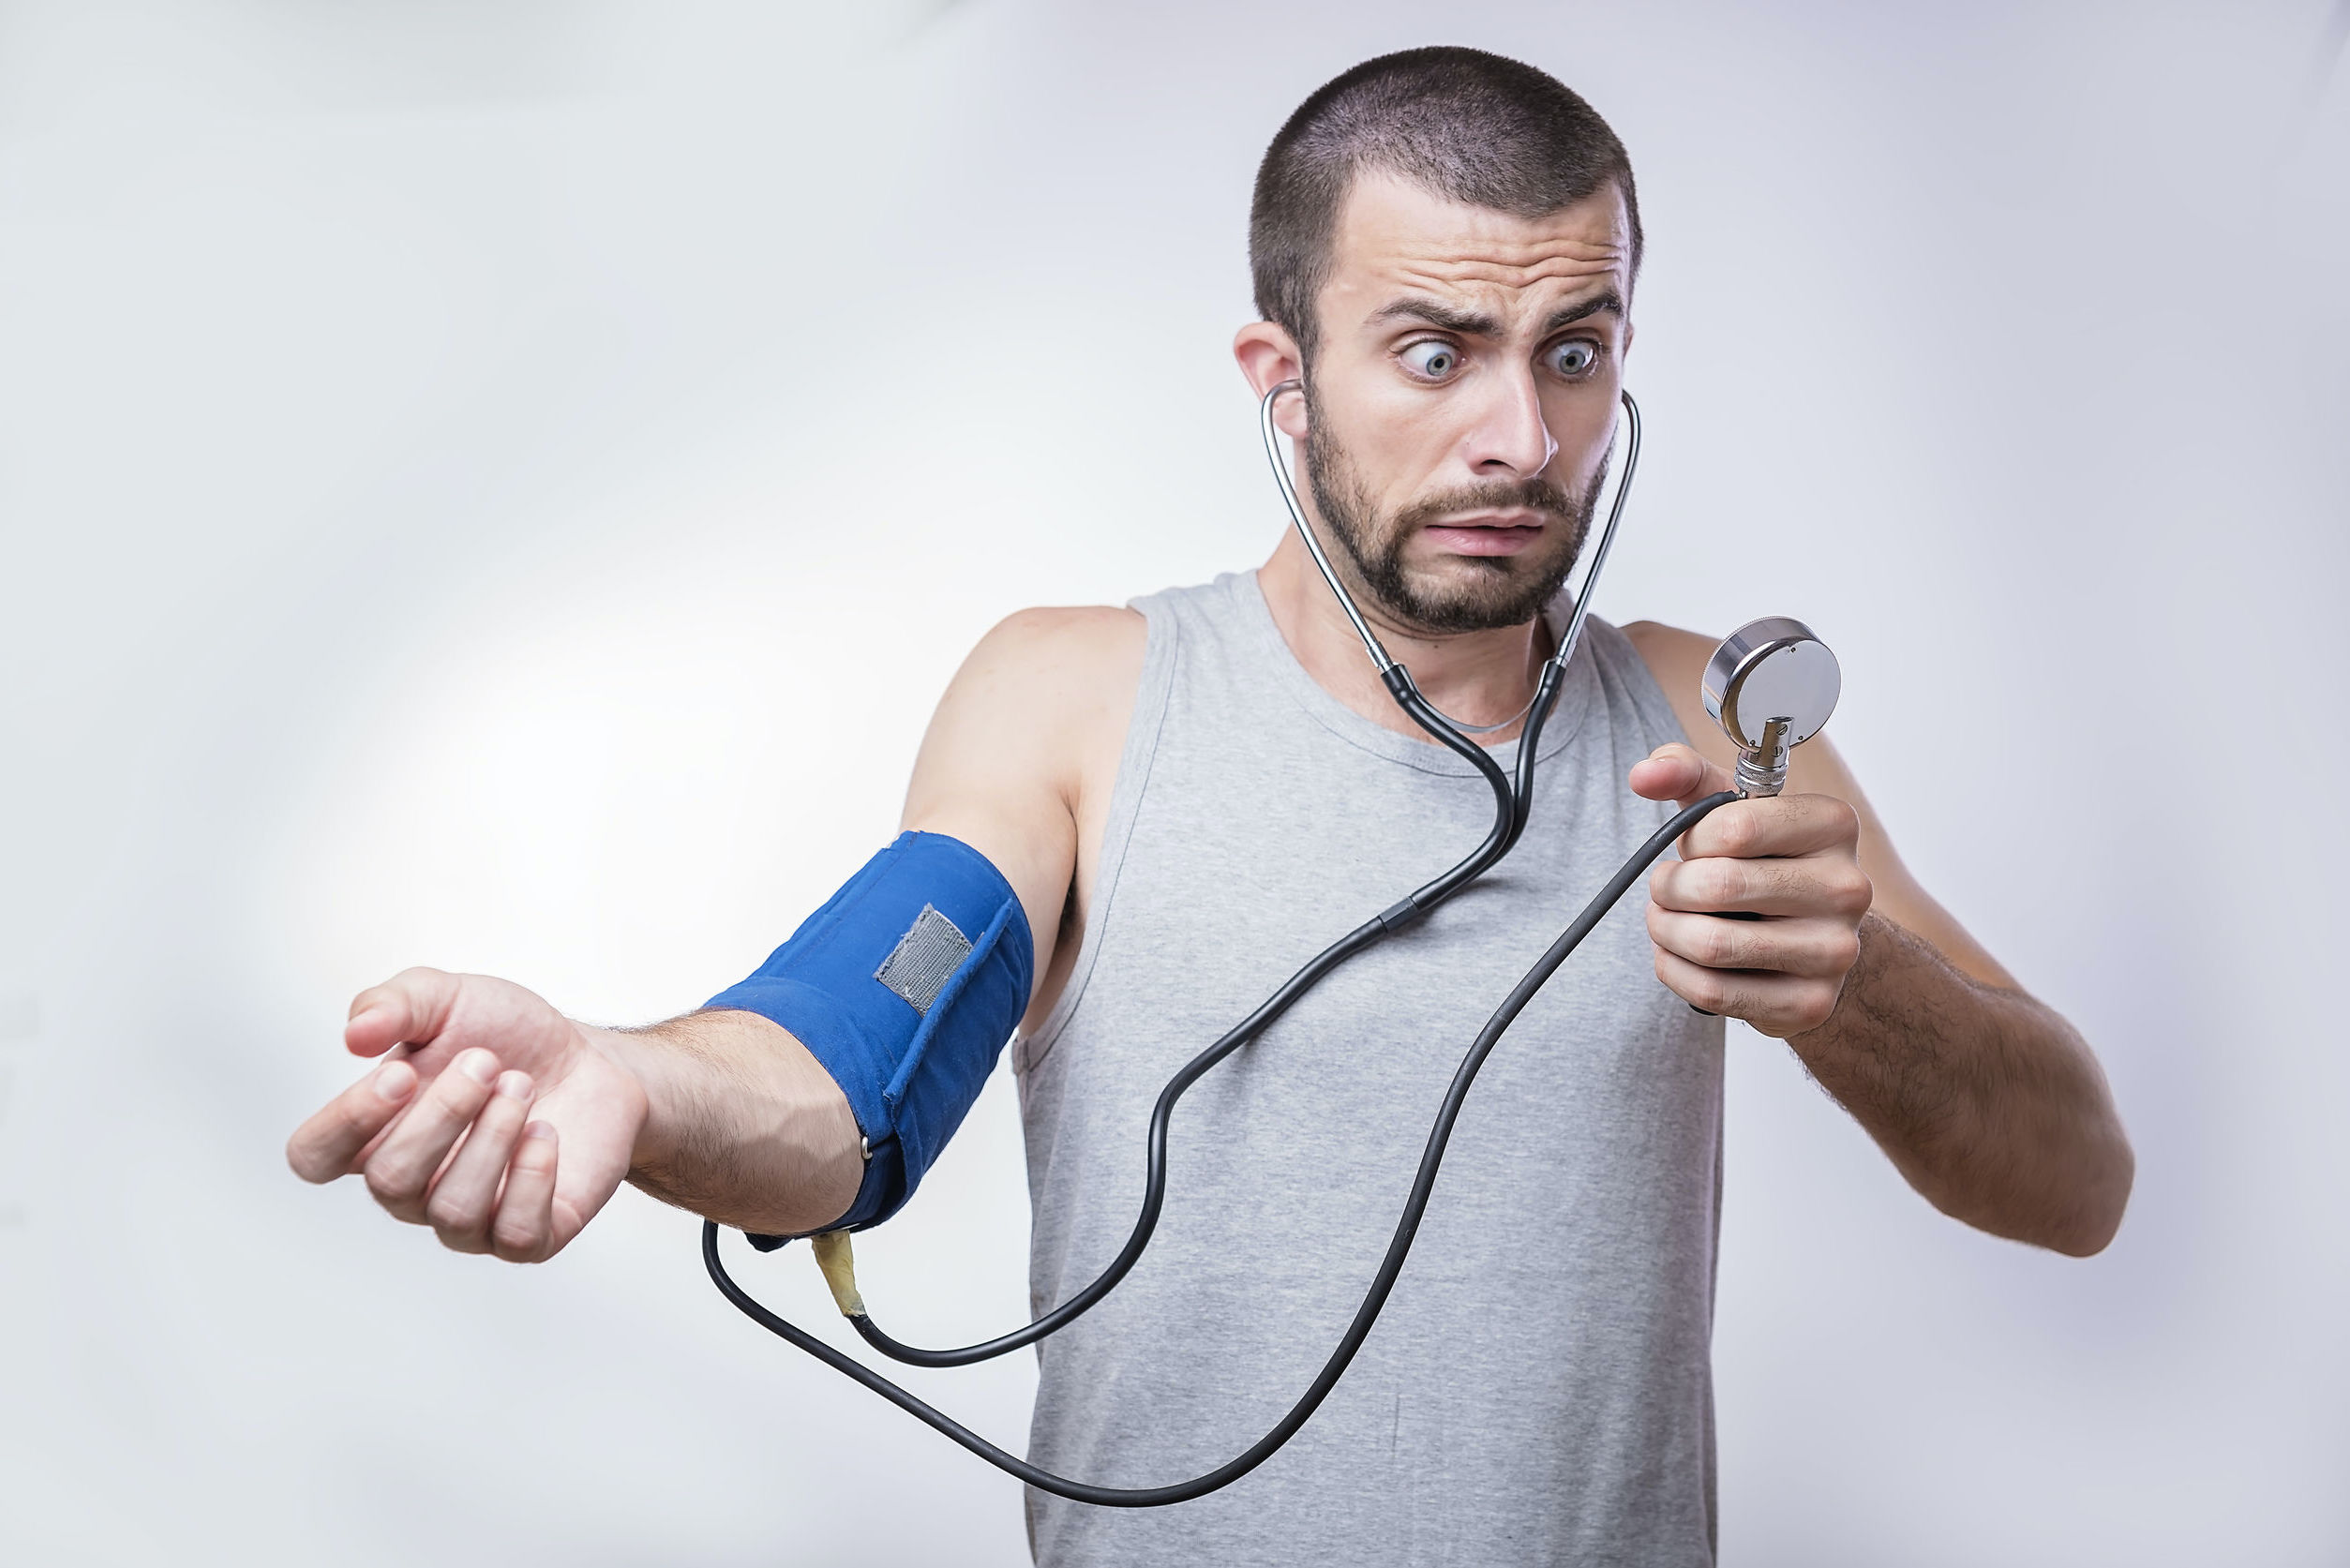 magas vérnyomás tünetei és megelőzése)